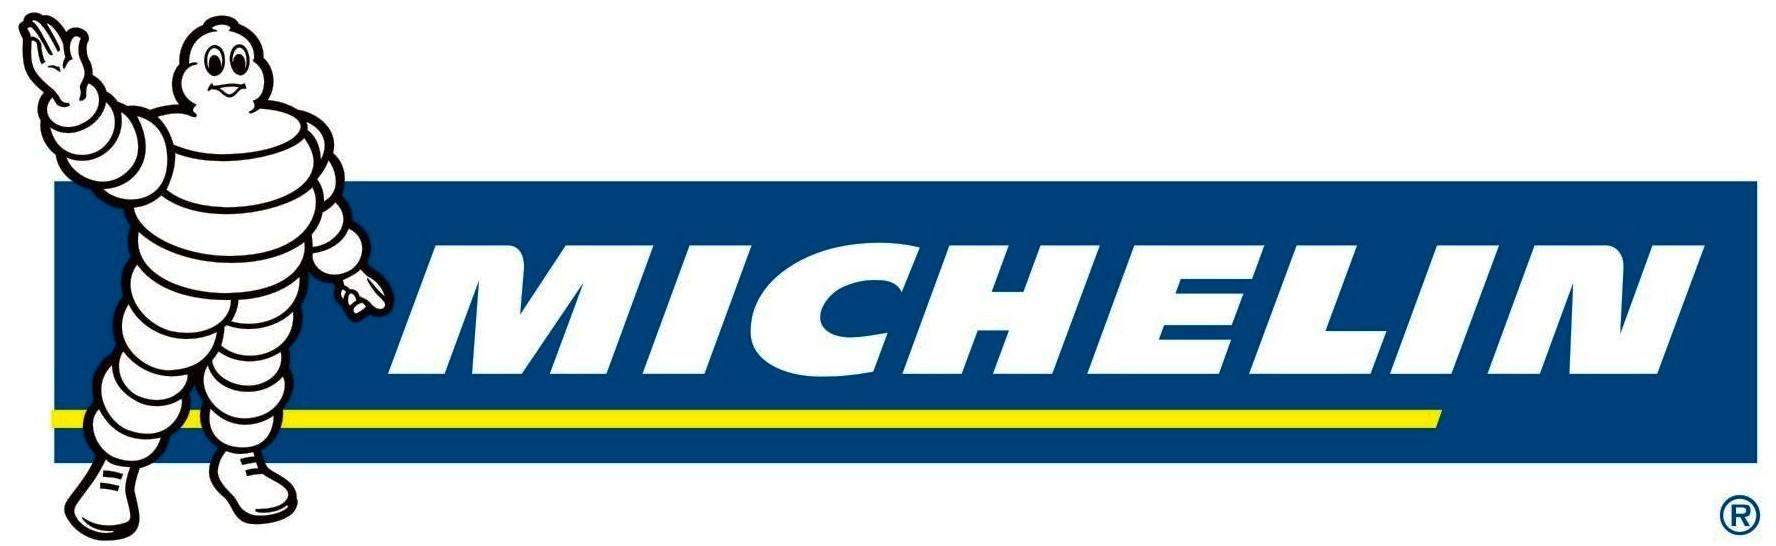 Thiết kế logo dạng linh vật của Michelin man